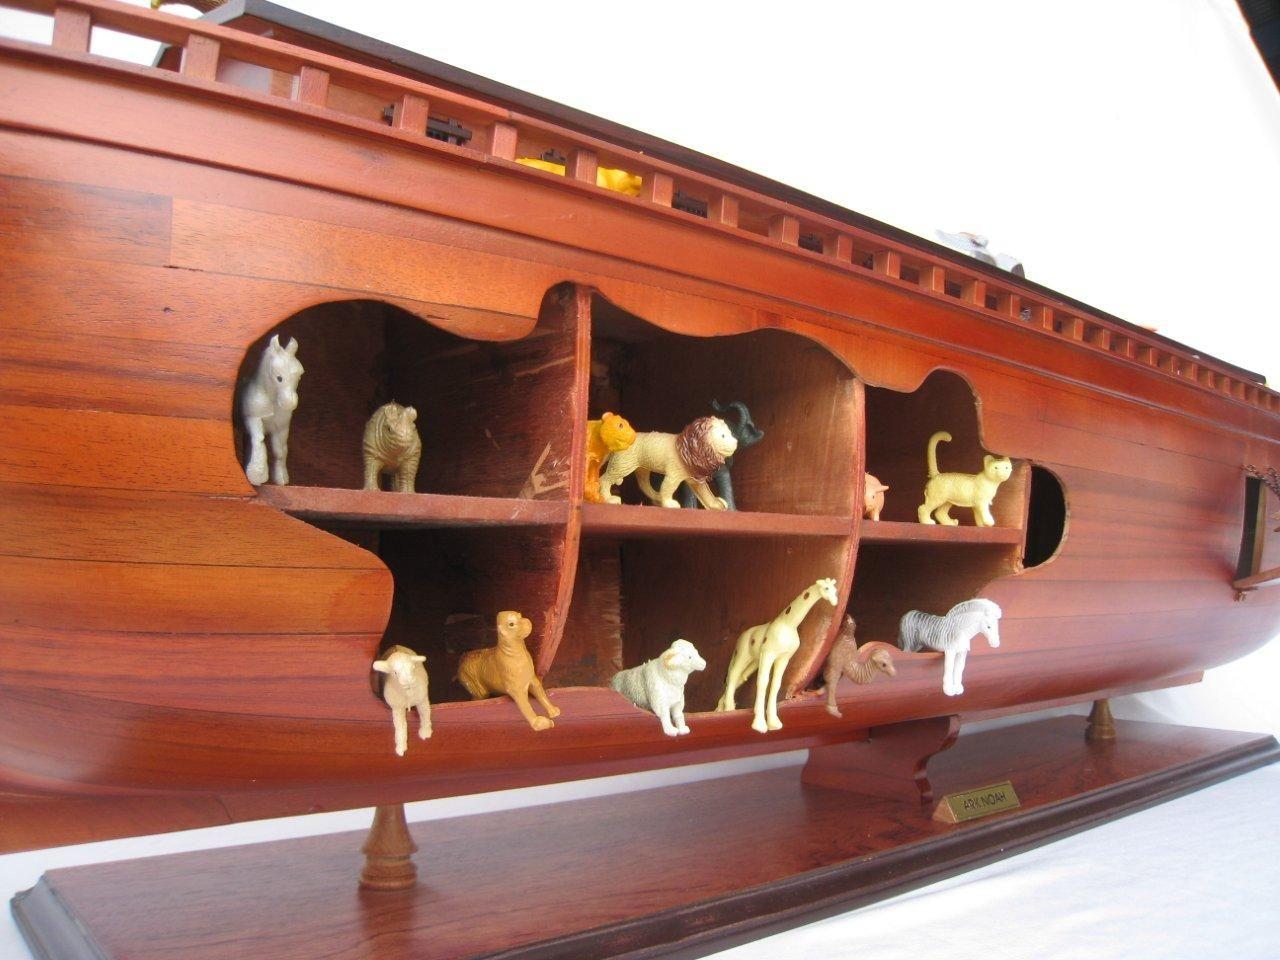 2043-12577-Noahs-Ark-Model-Boat